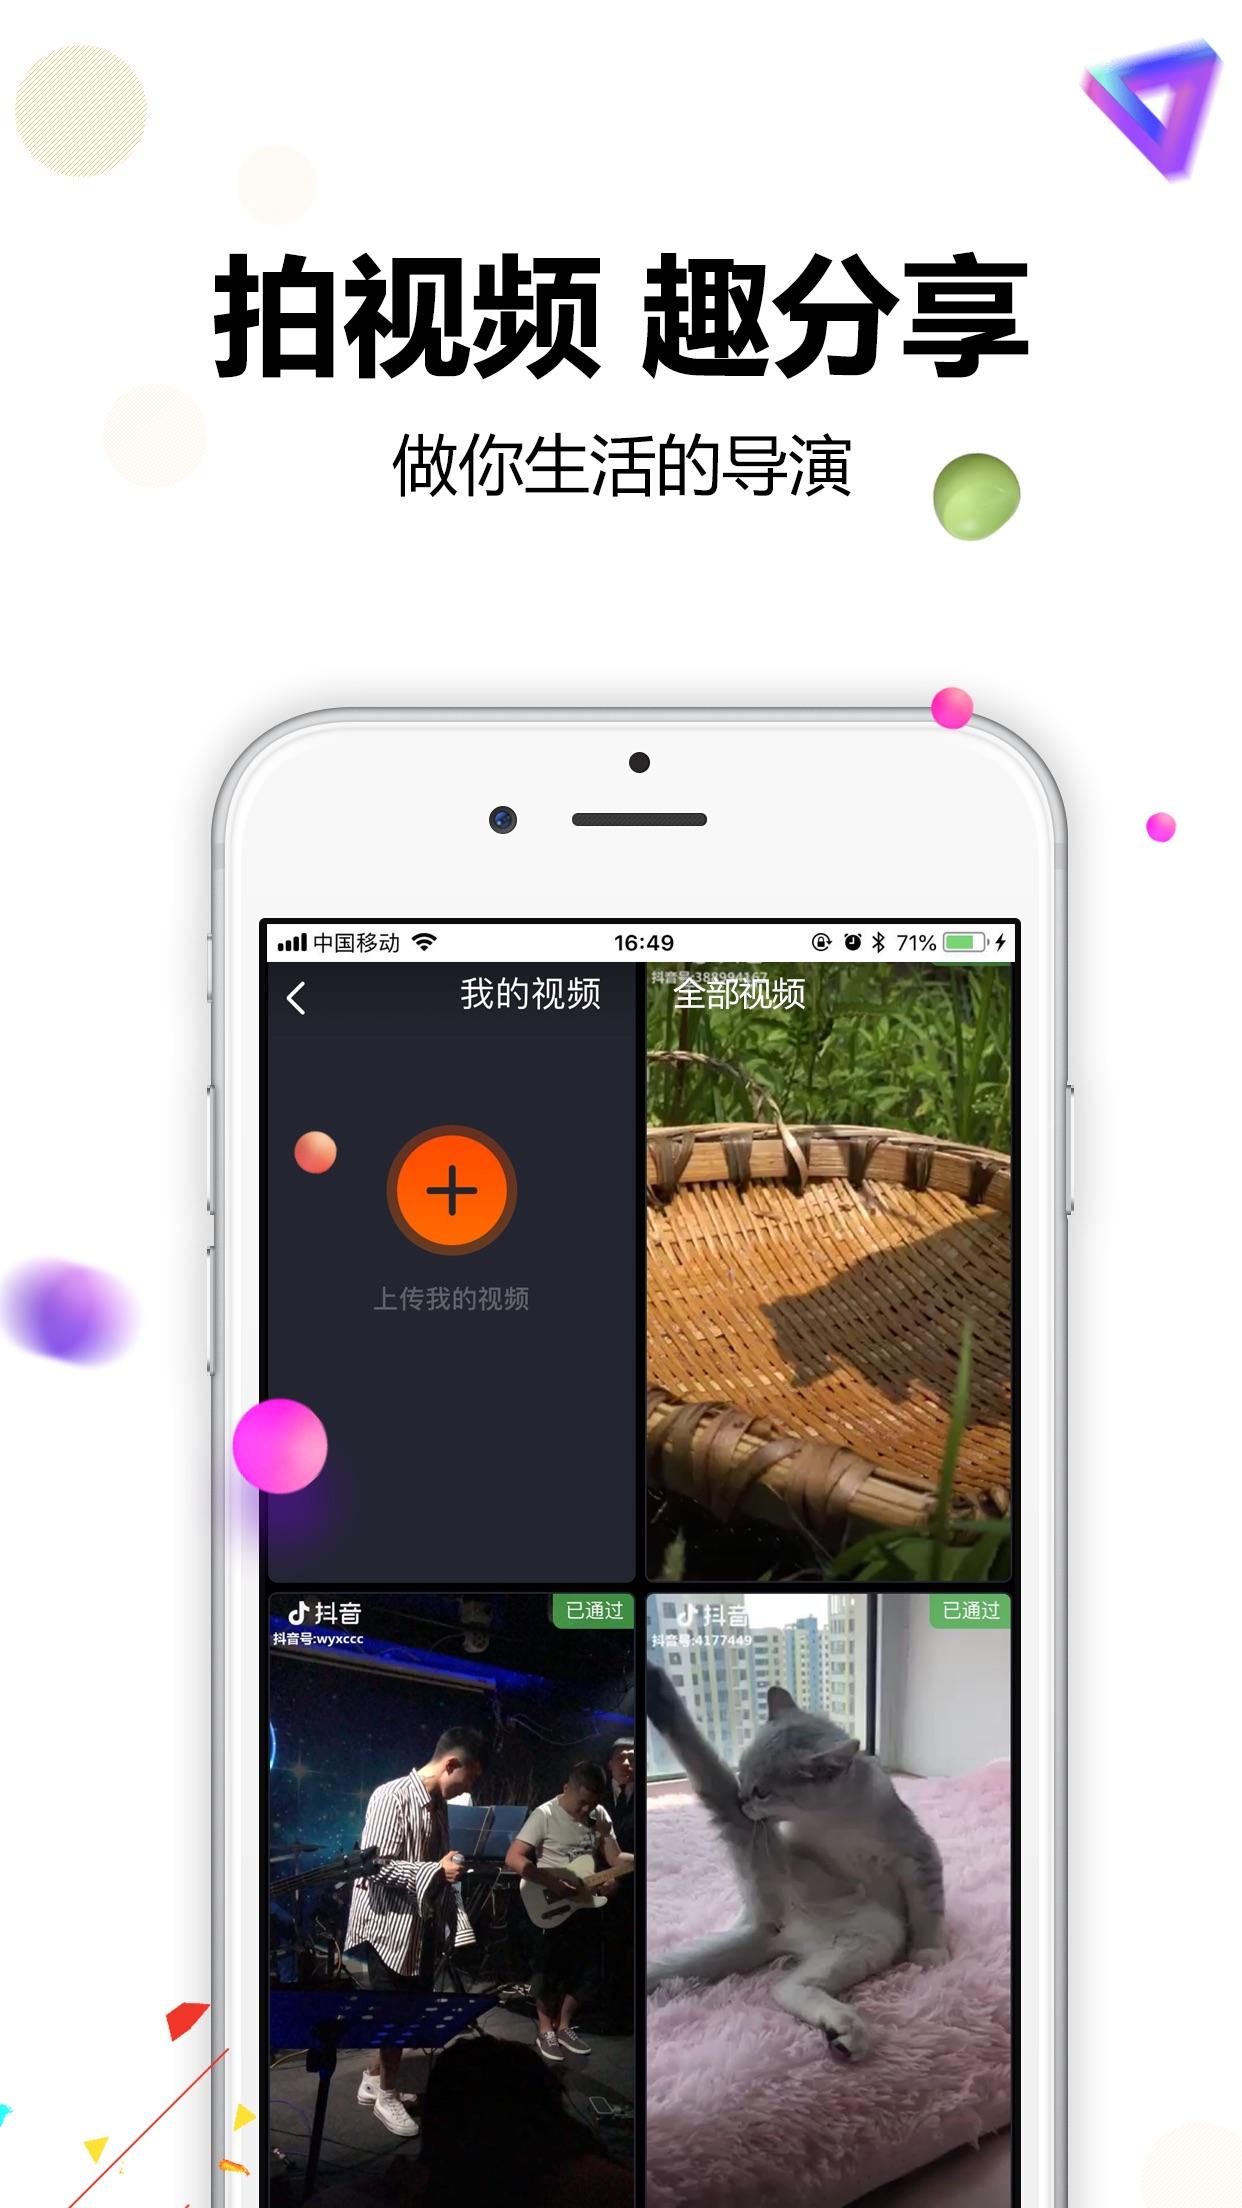 互动百科—百科知识视频阅读平台 Screenshot